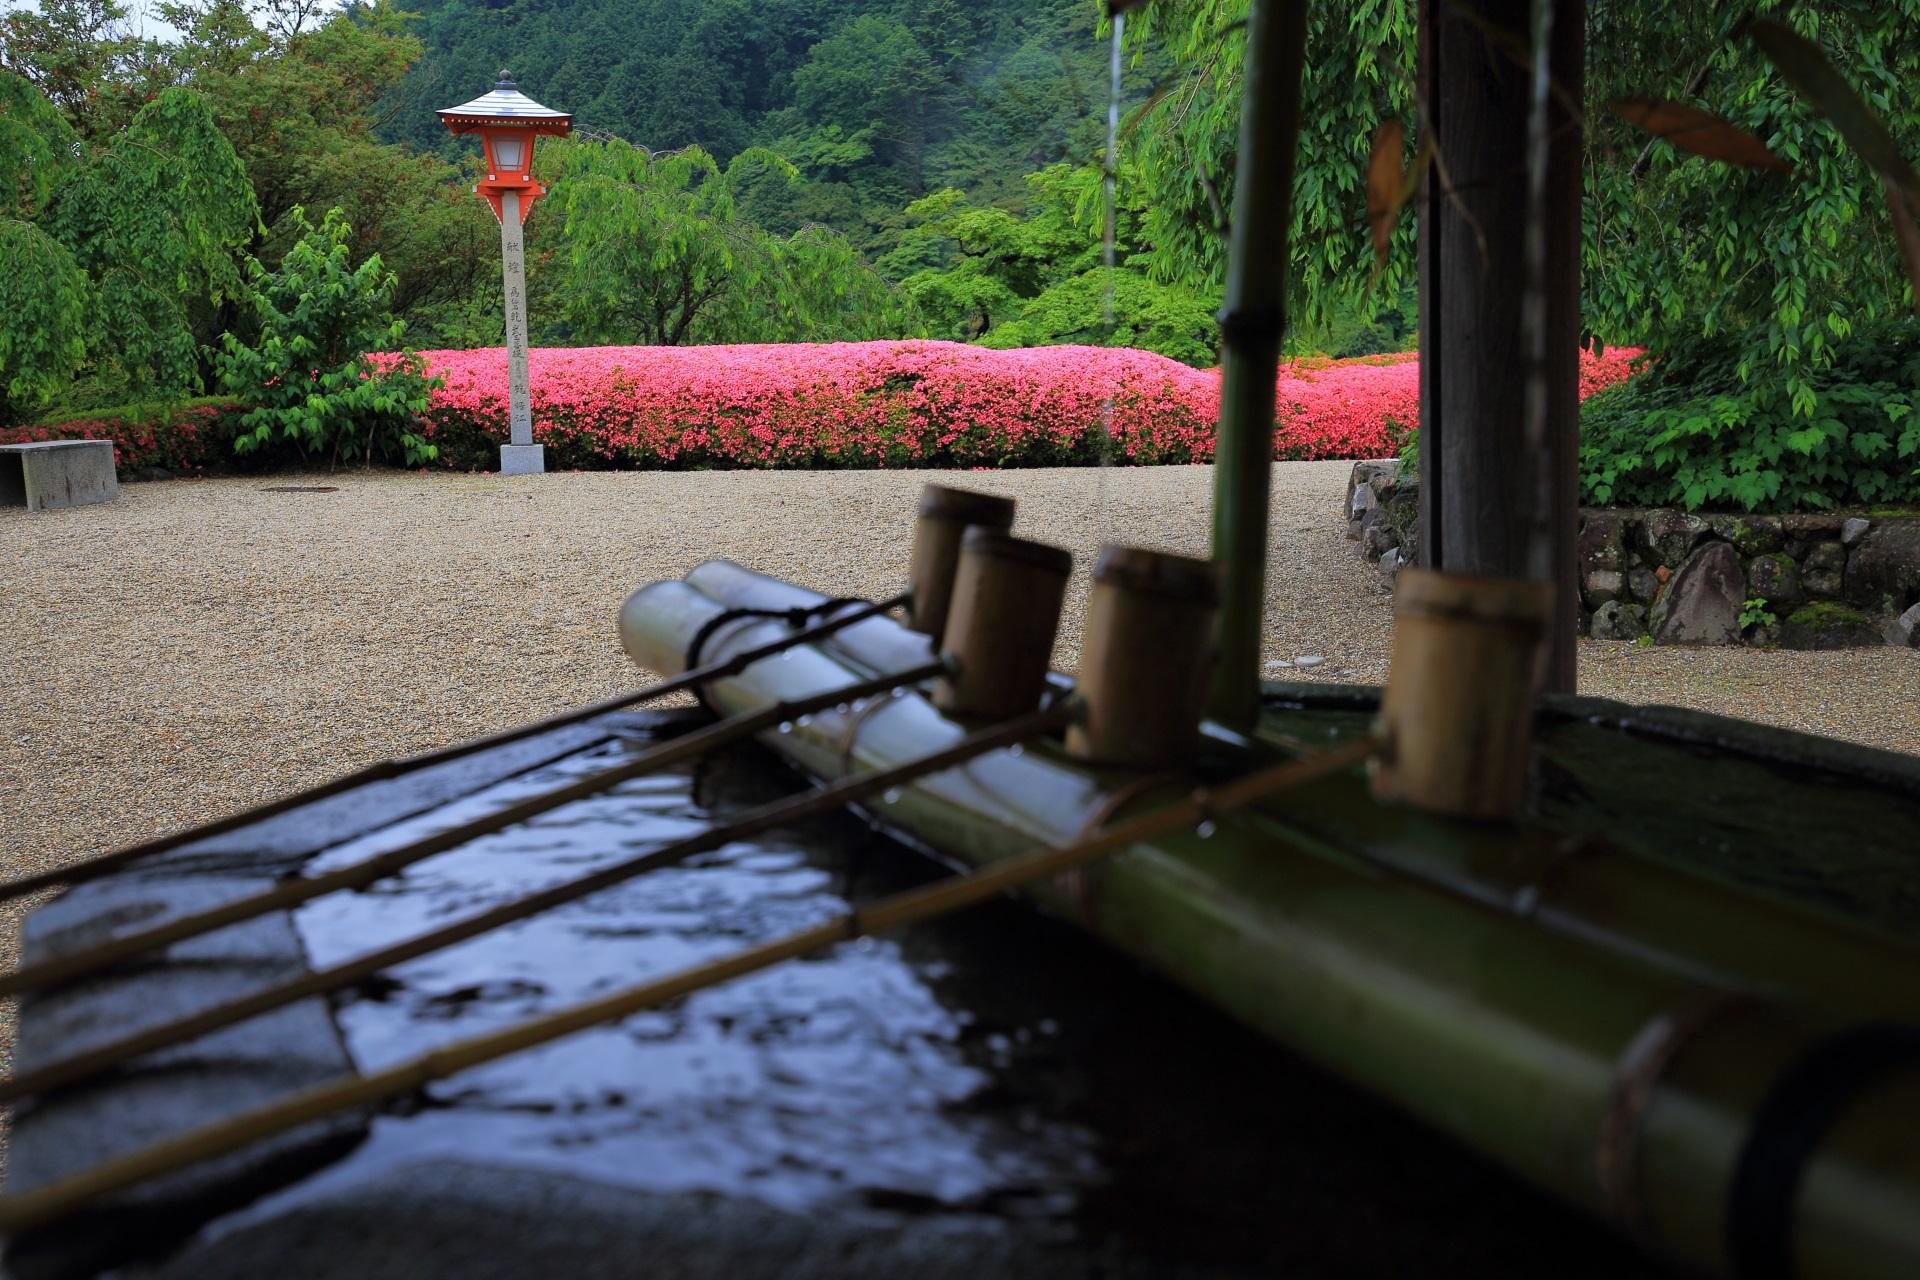 善峯寺の風情ある手水舎とサツキの情景